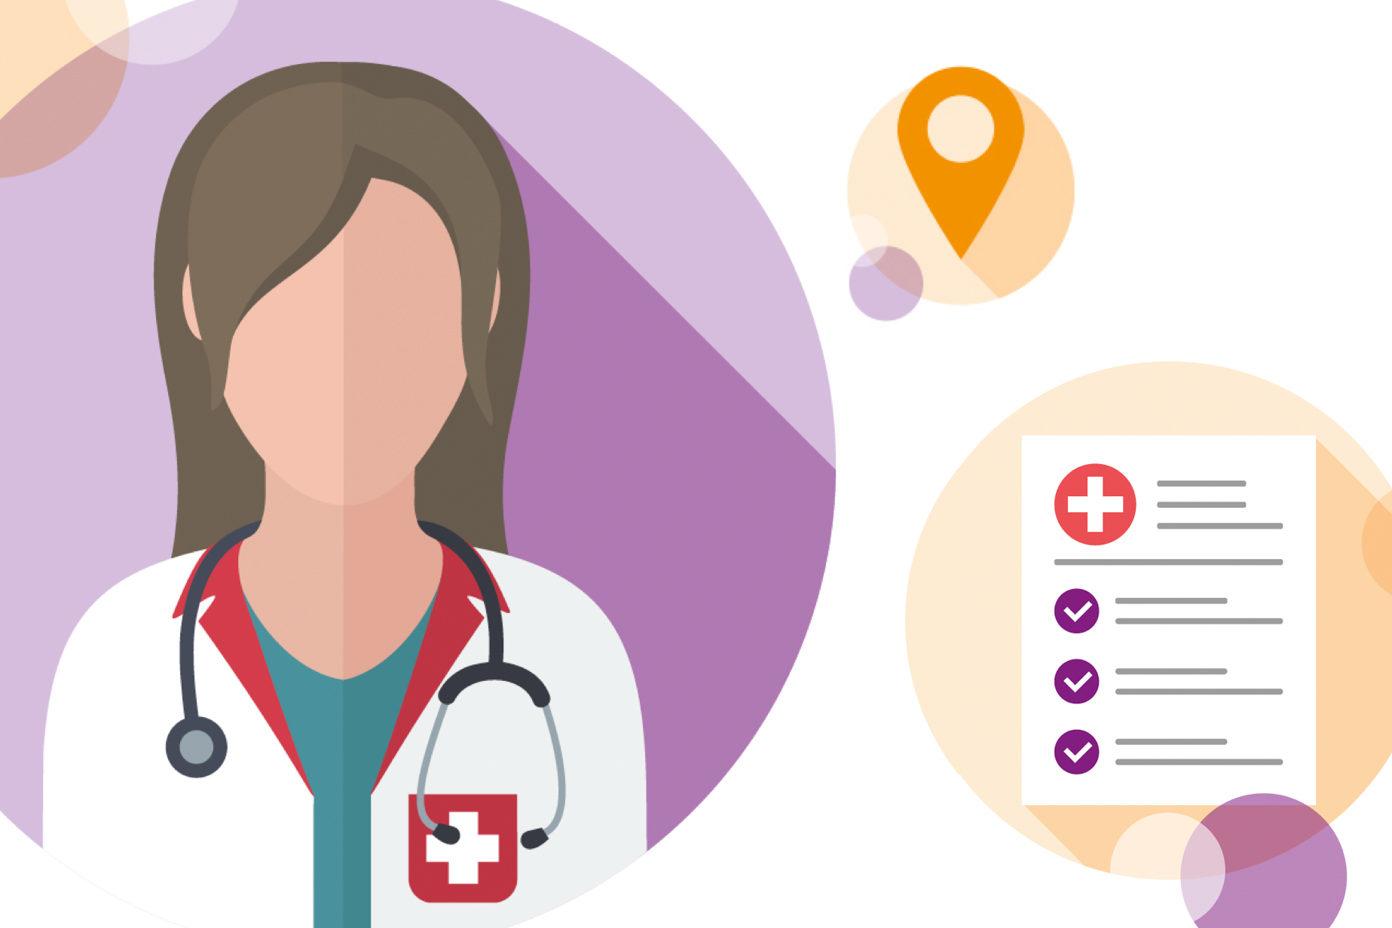 Illustration zeigt eine Ärztin mit Stethoskop und ein medizinisches Dokument.